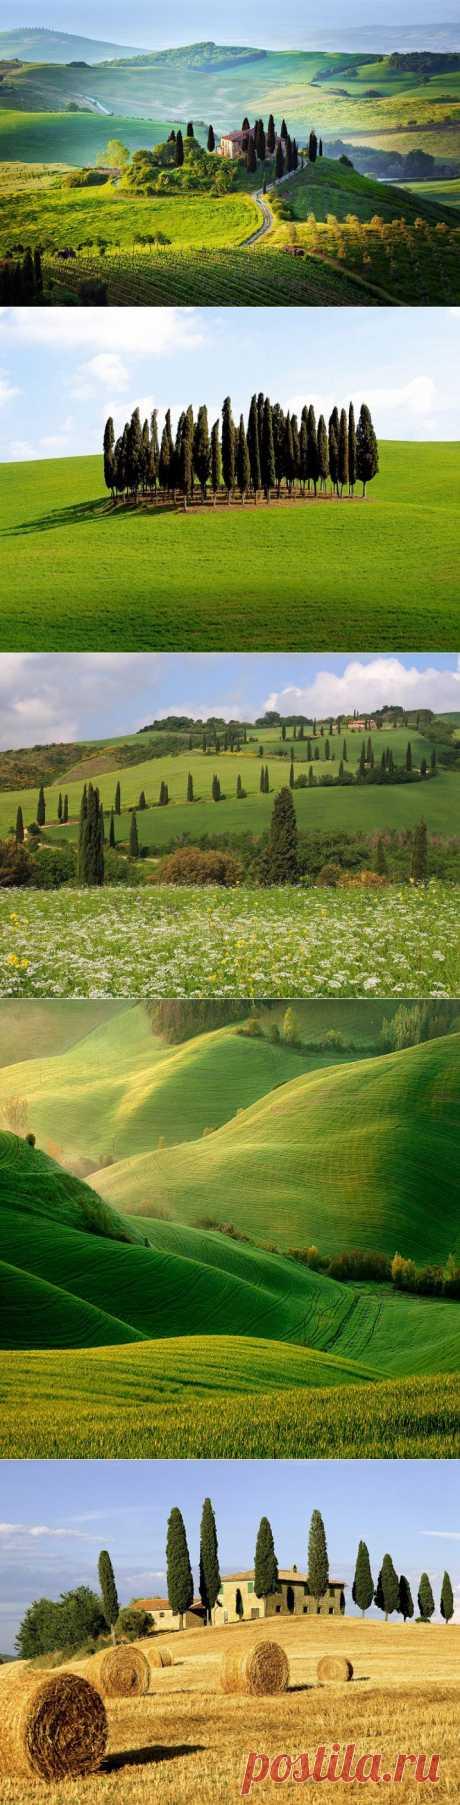 Landscapes of Tuscany, Italy (24 photos)